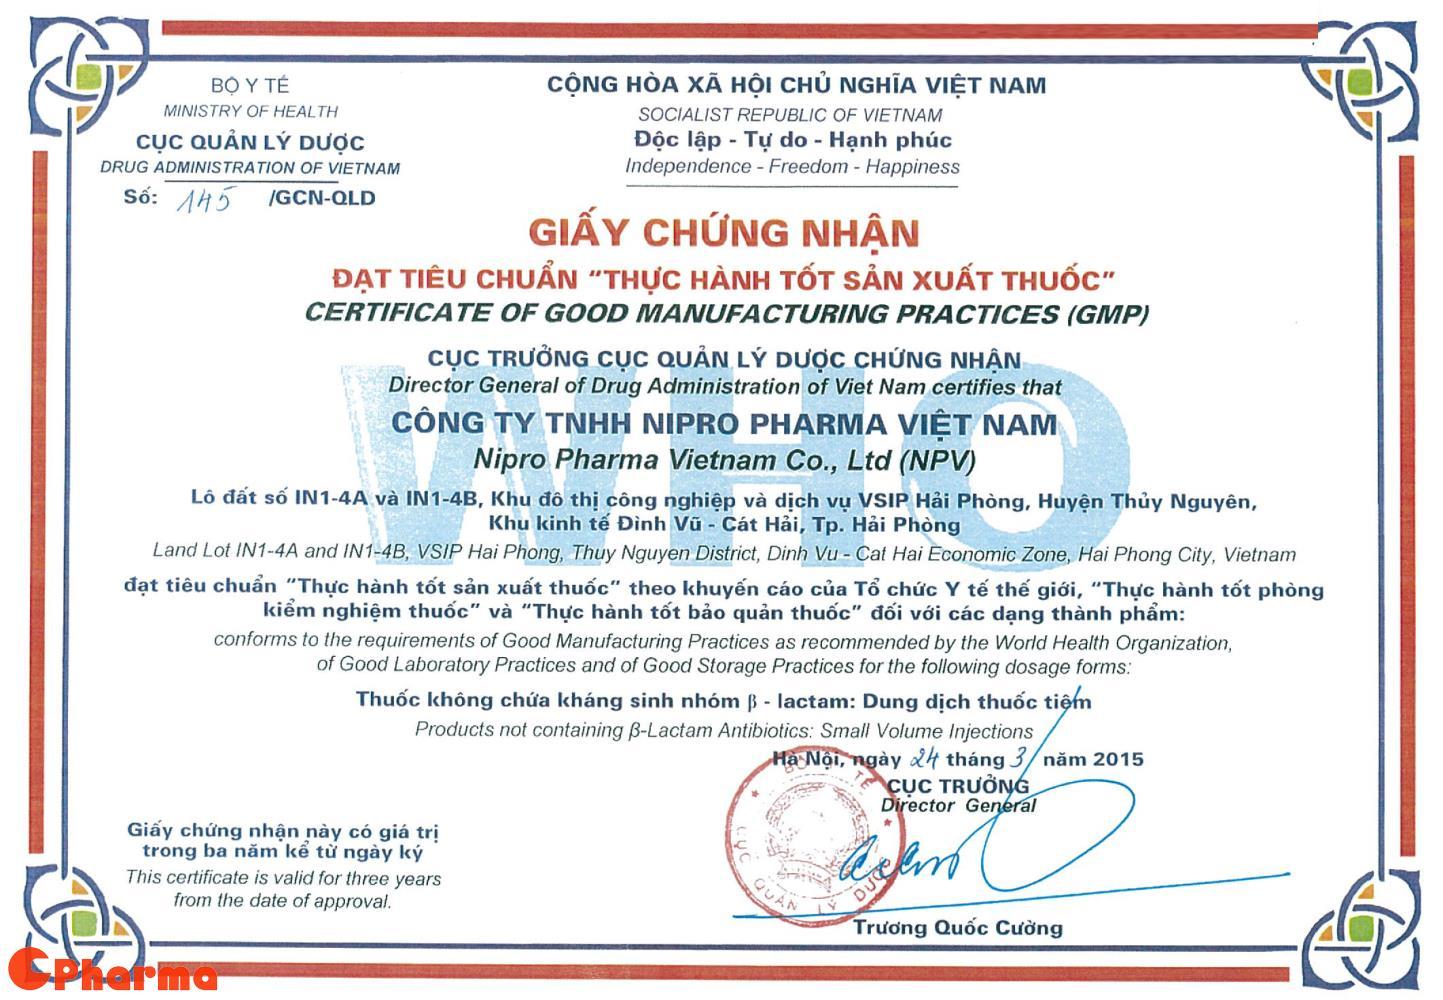 Chứng chỉ GMP WHO dành cho Nipro Pharma Vietnam